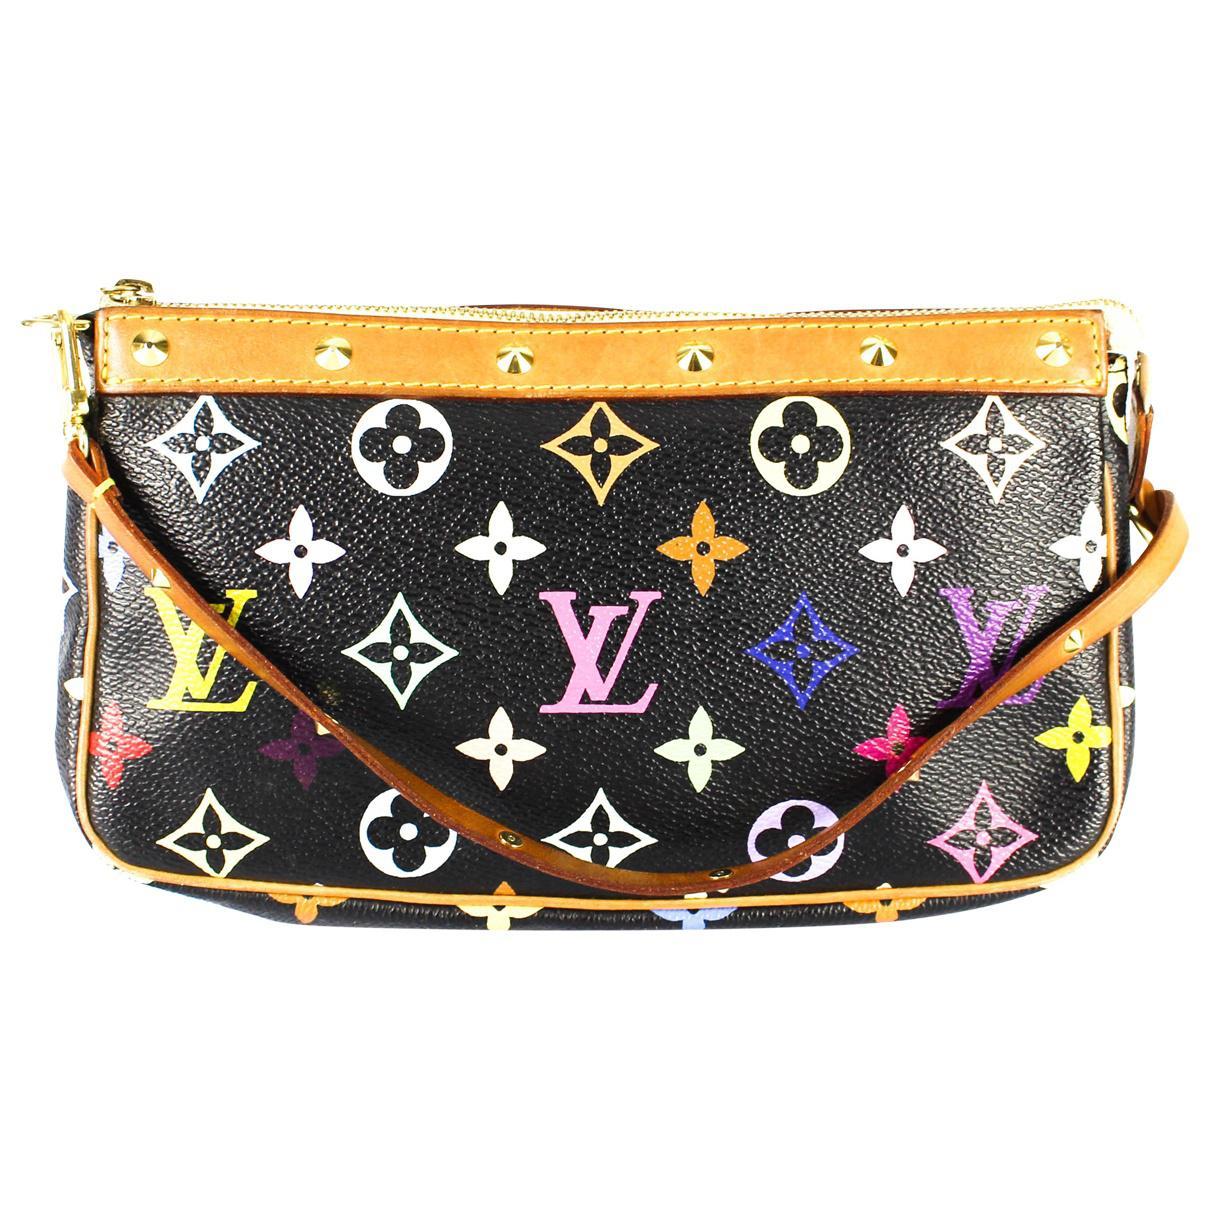 Louis Vuitton Pre-owned - Pochette Accessoire cloth clutch bag Al4dUC